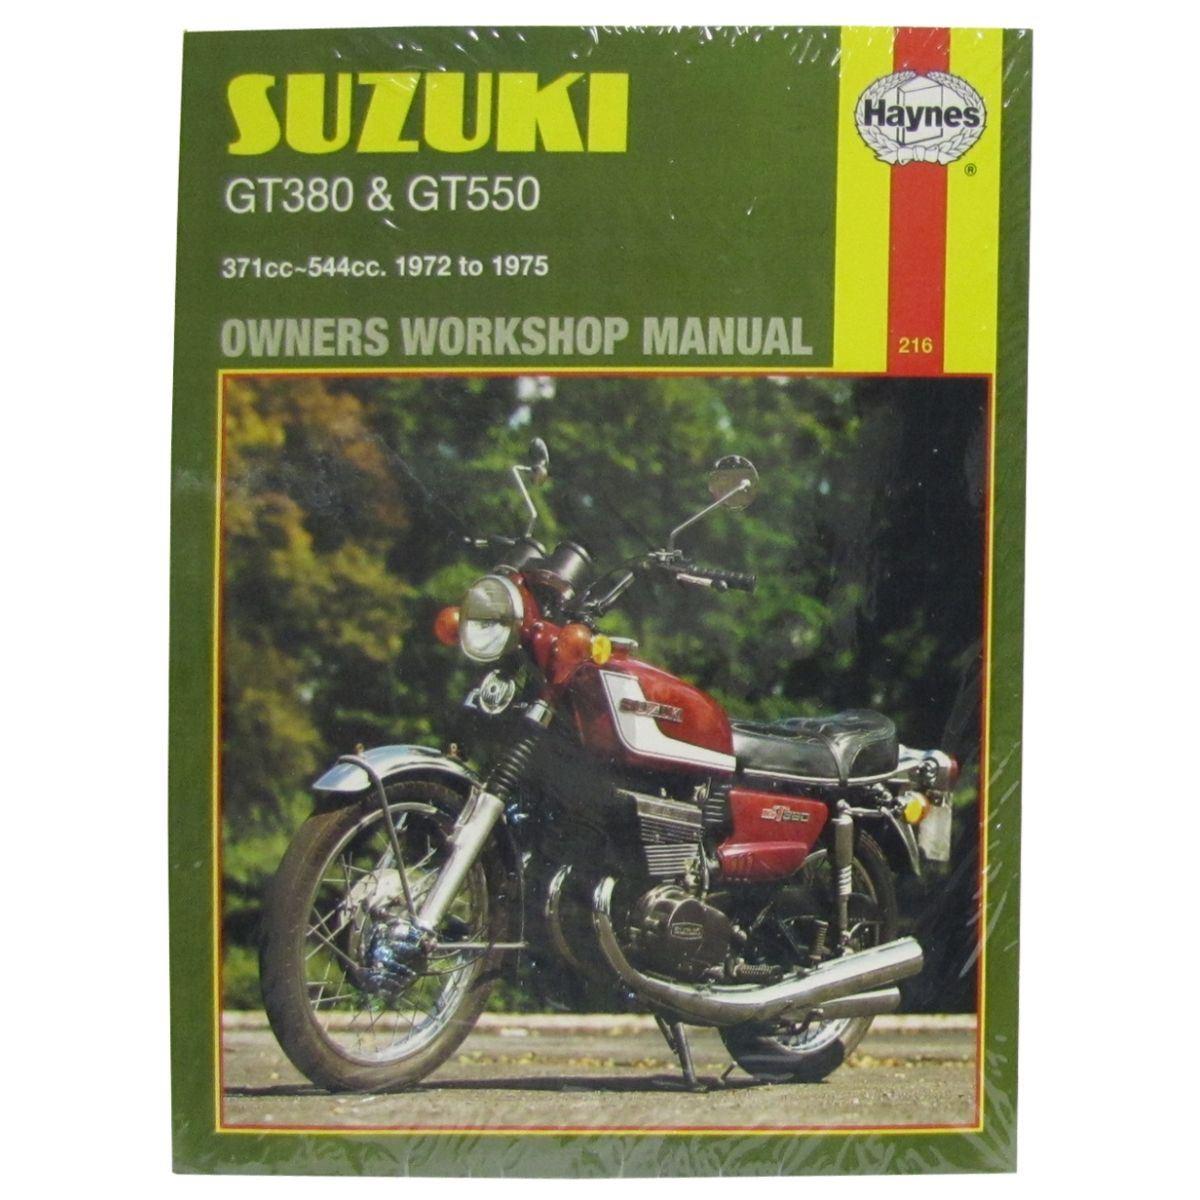 Workshop Manual Suzuki GT380 1972-1975, GT550 1972-1975 | eBay